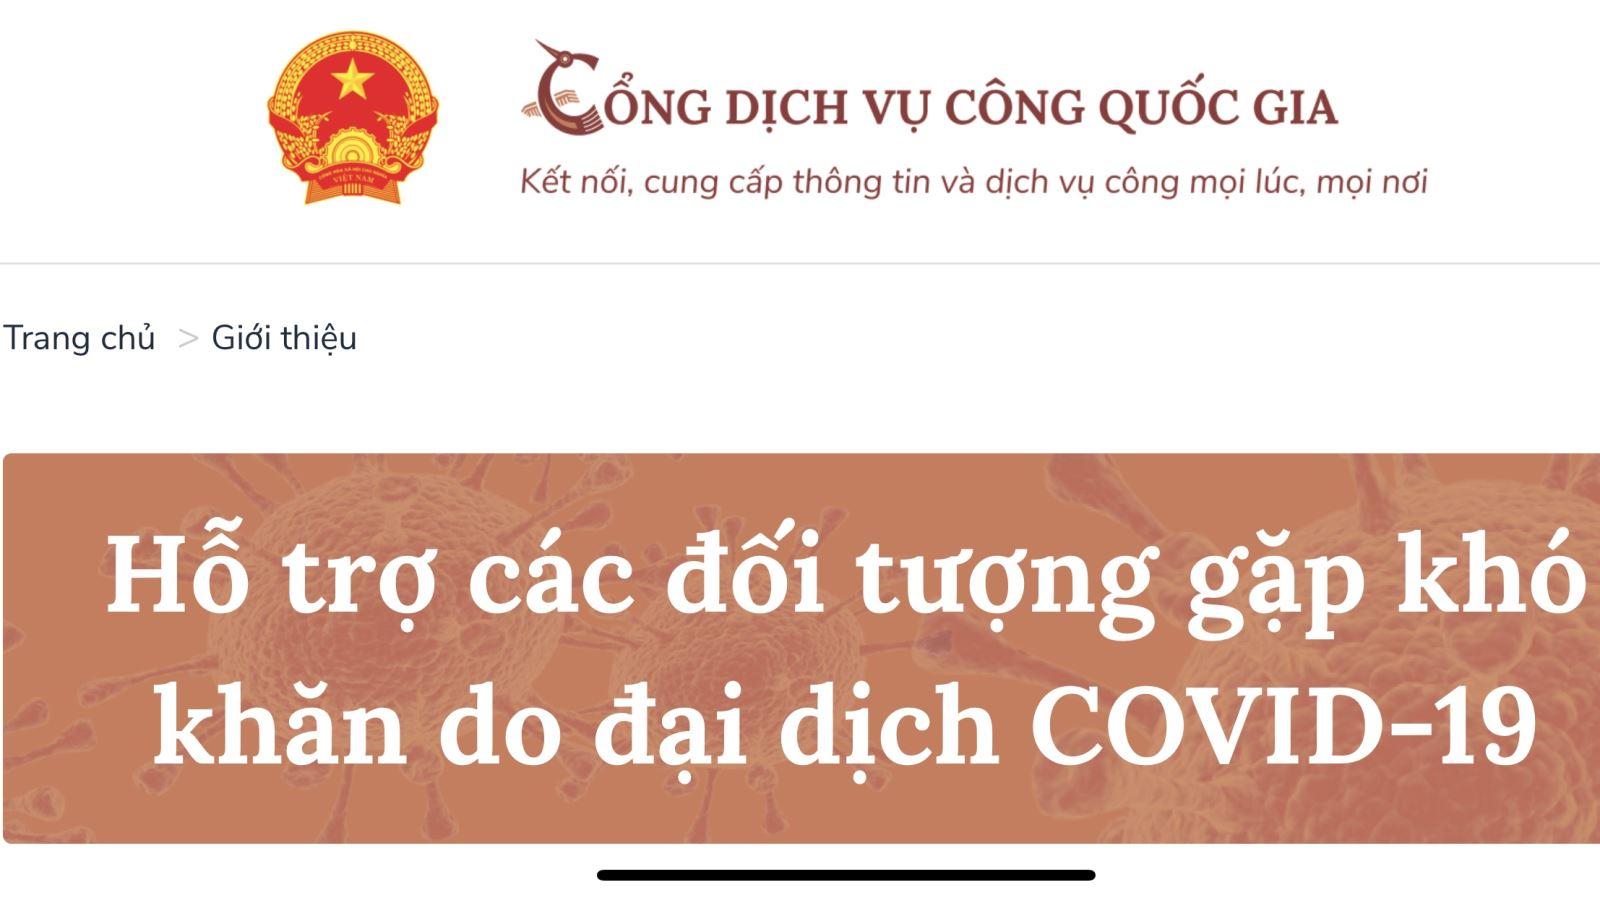 cong dich vu cong quoc gia ho tro nguoi dan doanh nghiep gap kho do dich covid 19